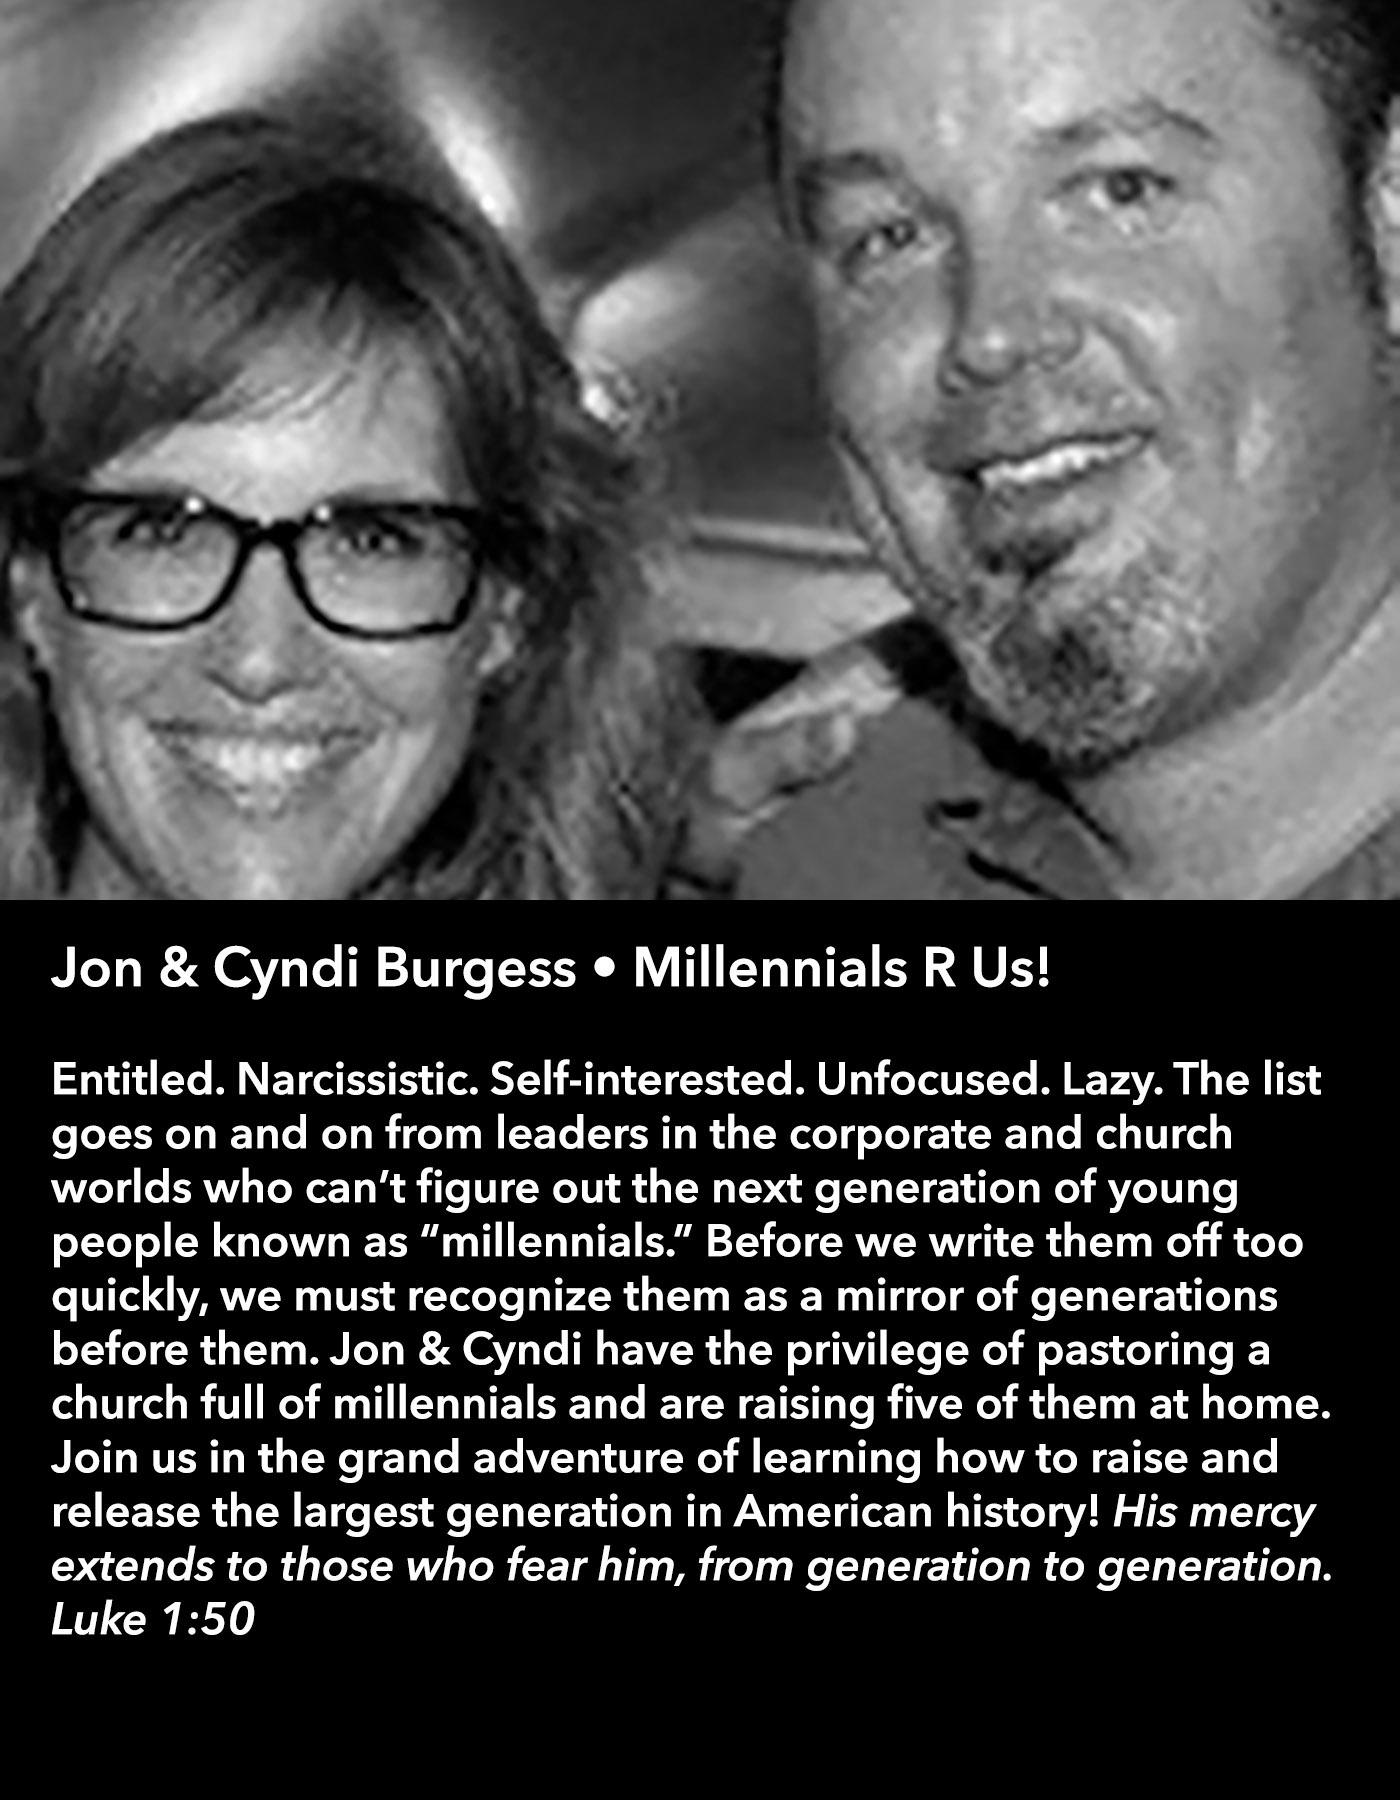 Jon & Cyndi Burgess • Millennials R Us! • Friday Morning, March 17 • 10:30 – 11:45 am